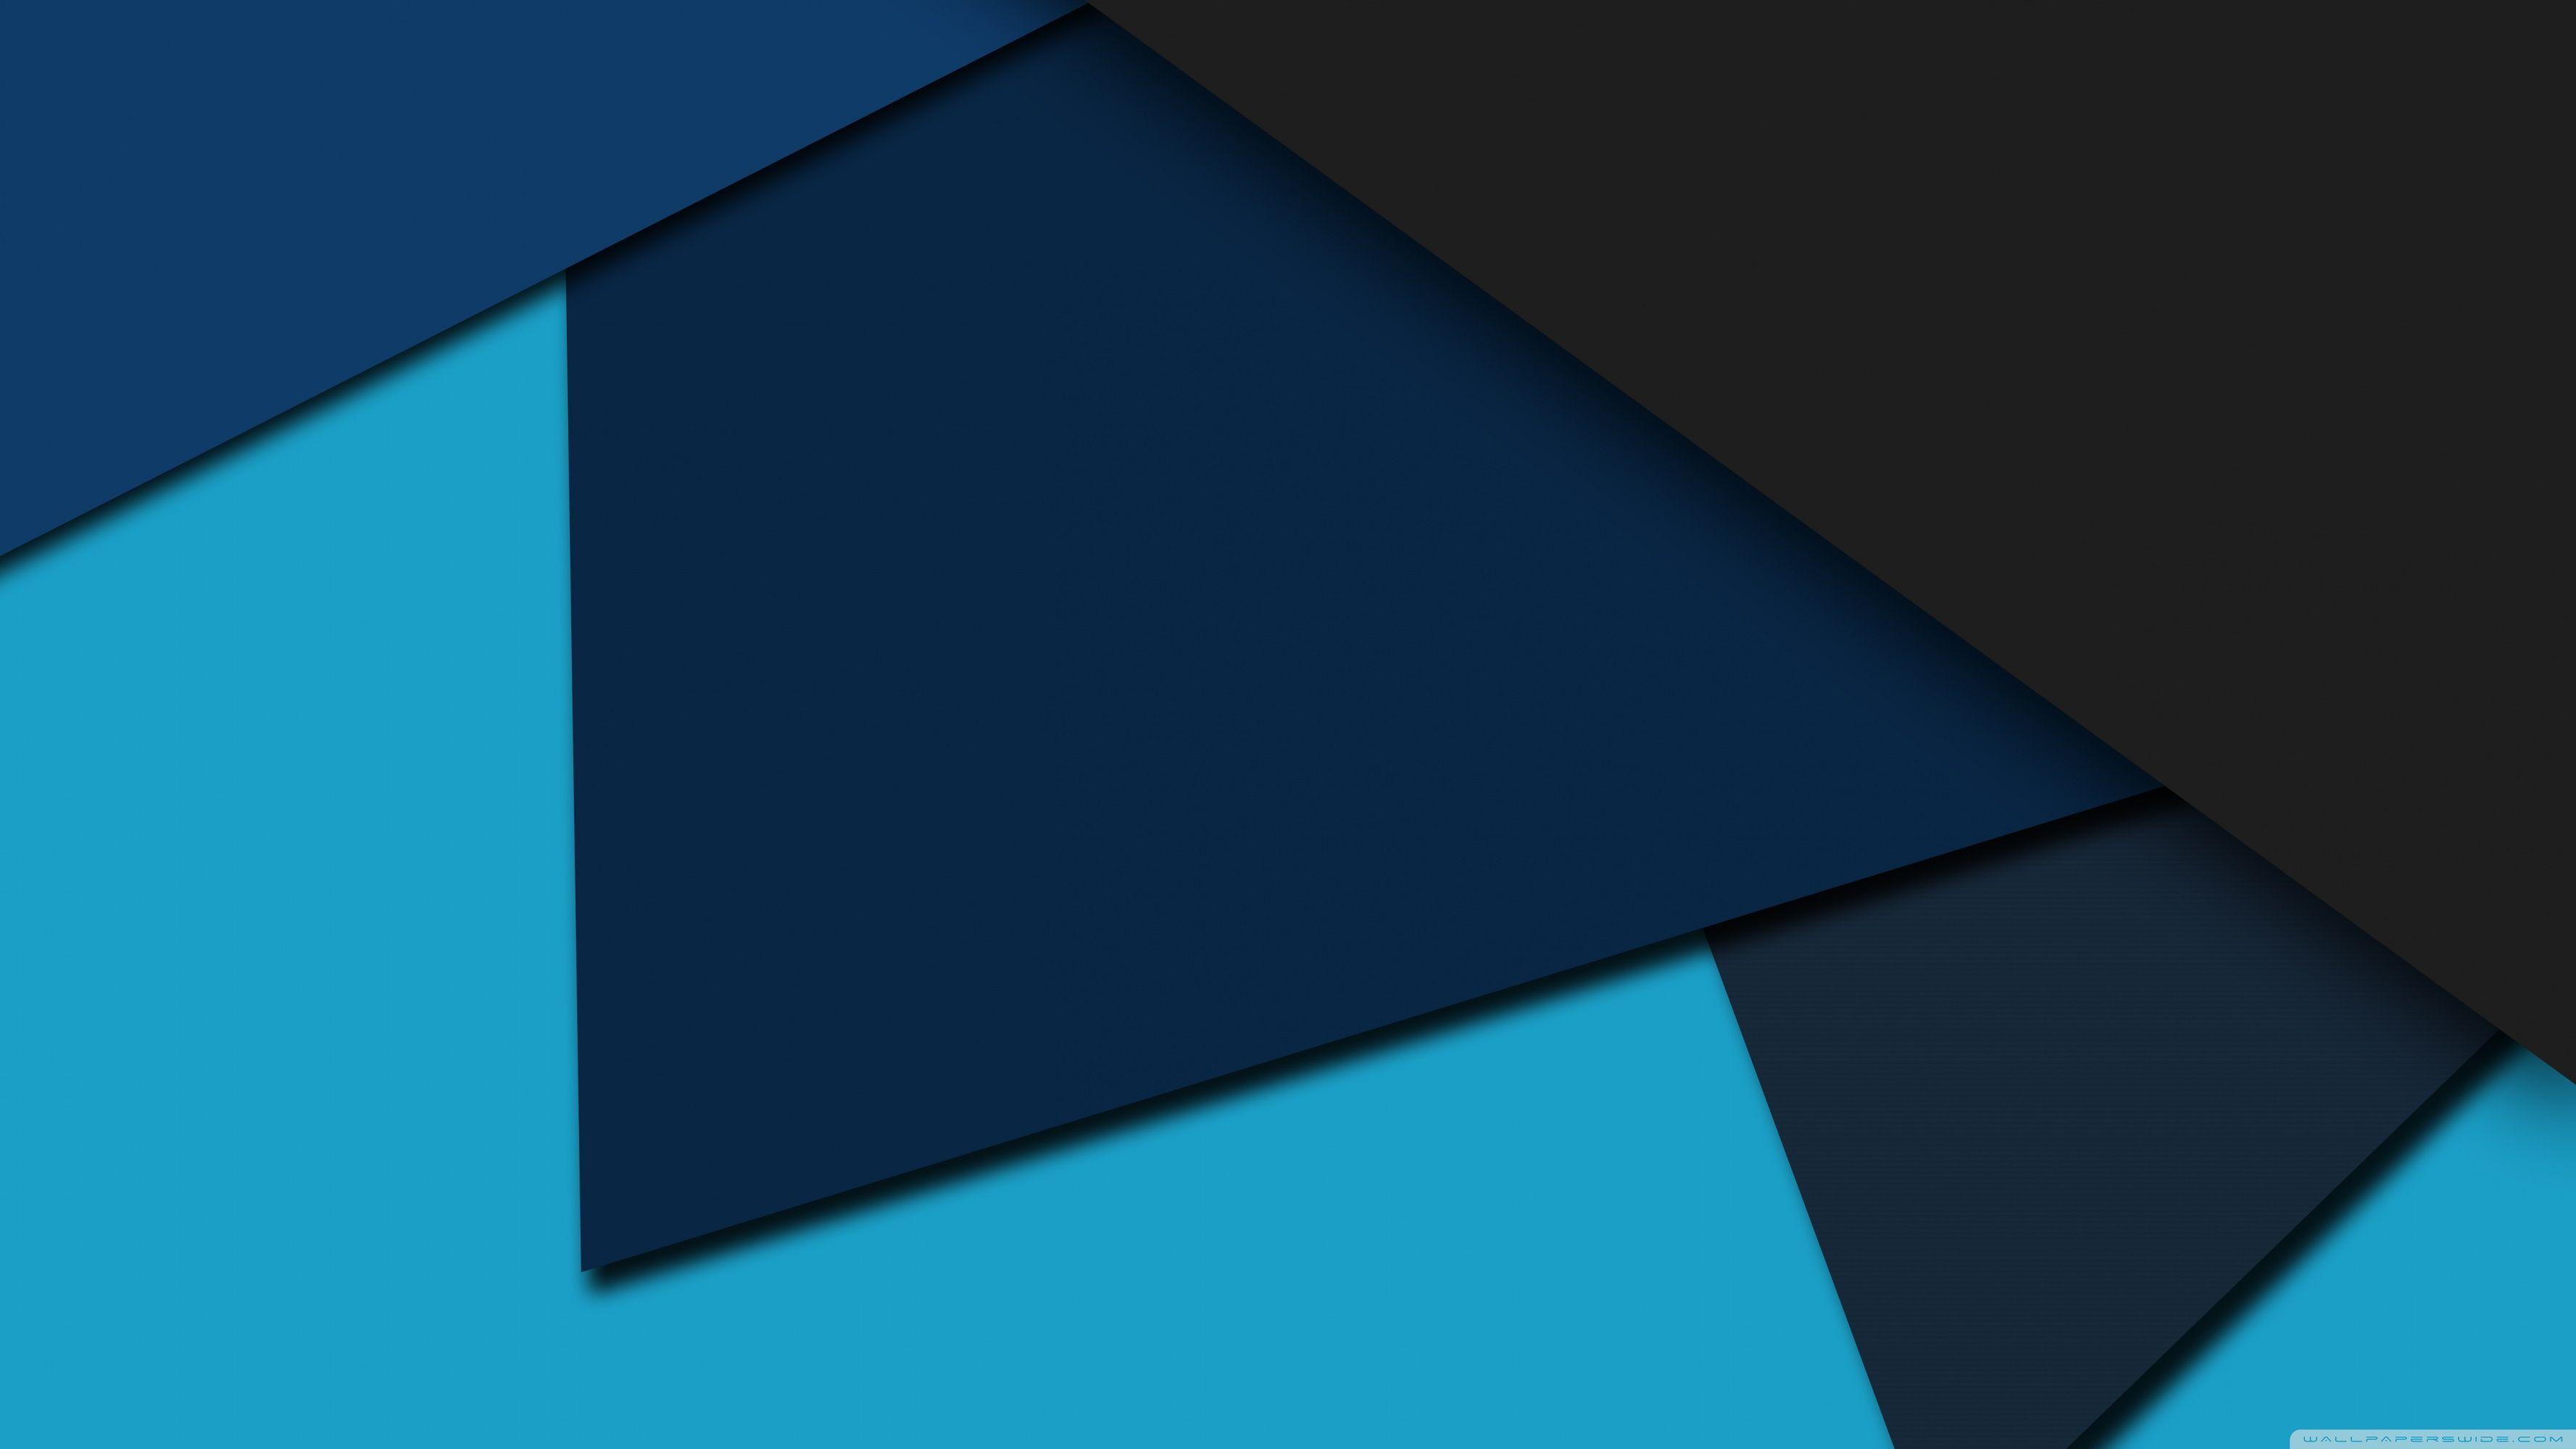 Material desktop wallpapers top free material desktop for Material design wallpaper 4k